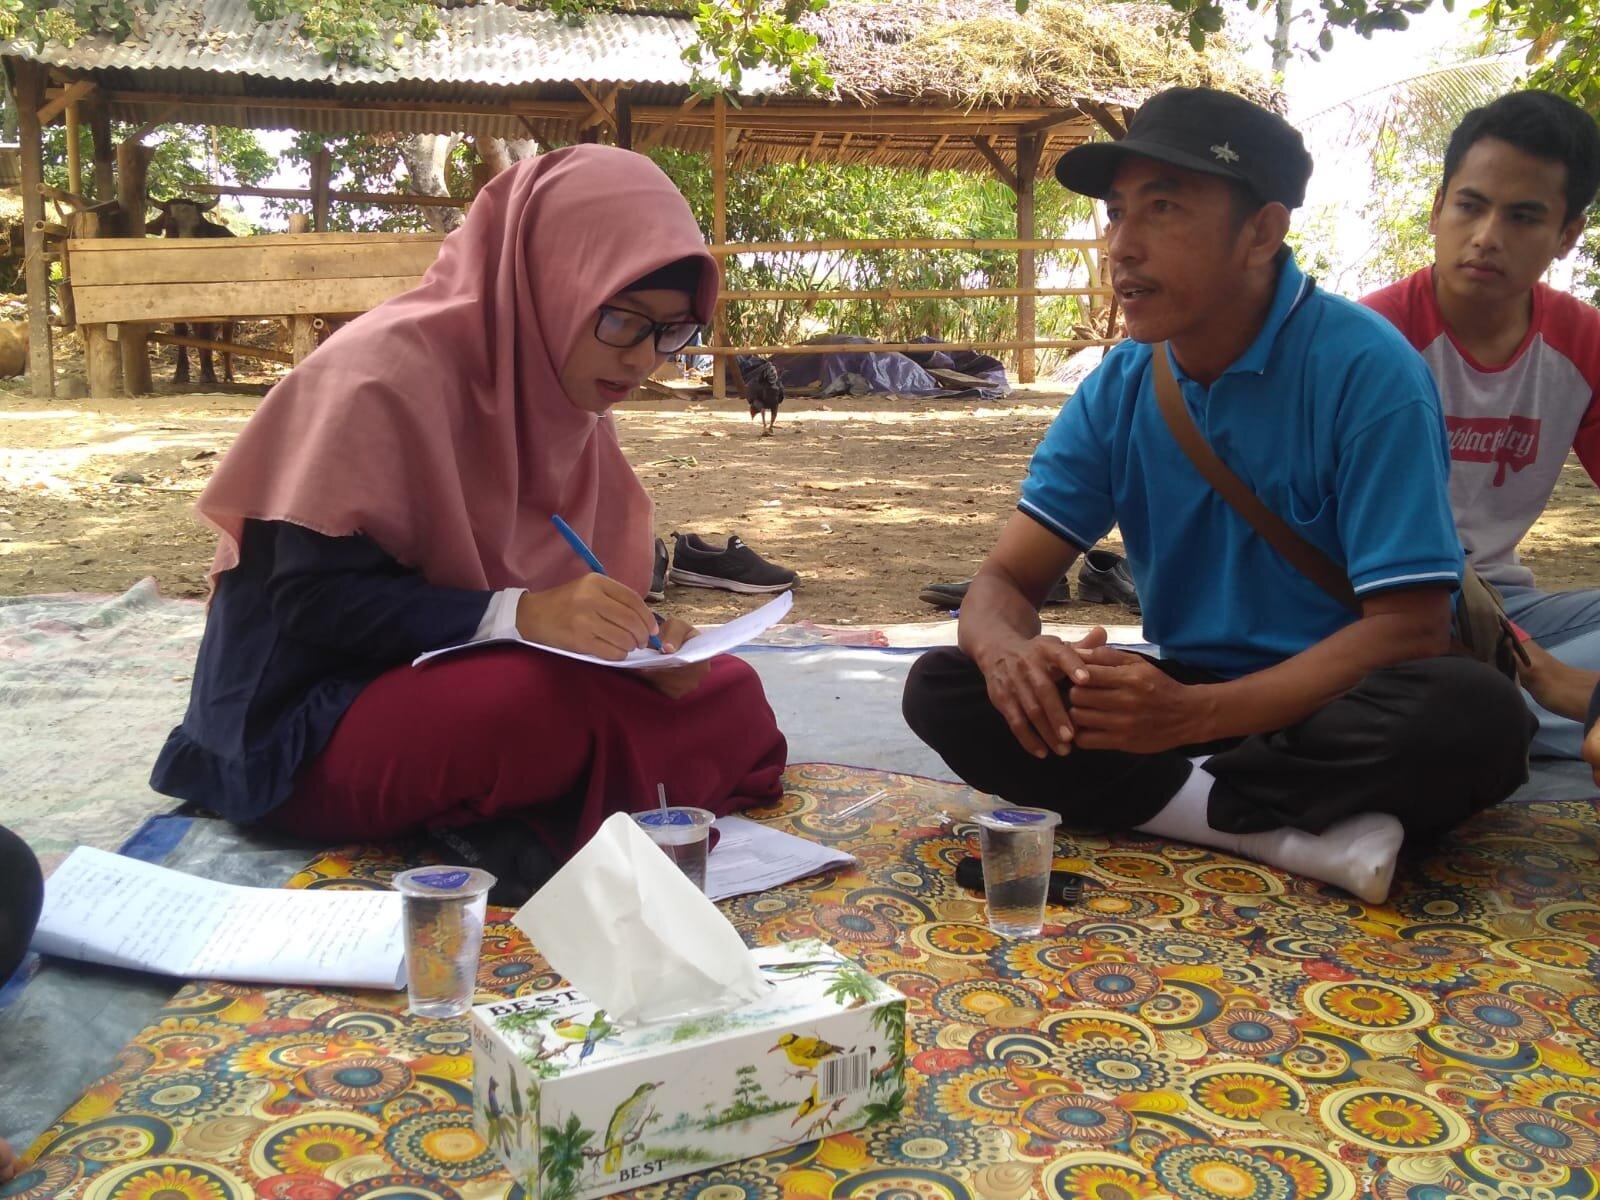 Field Officer Ms Baiq Ria Askina (L) interviewing a Dinas staff member, Pendua village, Lombok, September 2019.